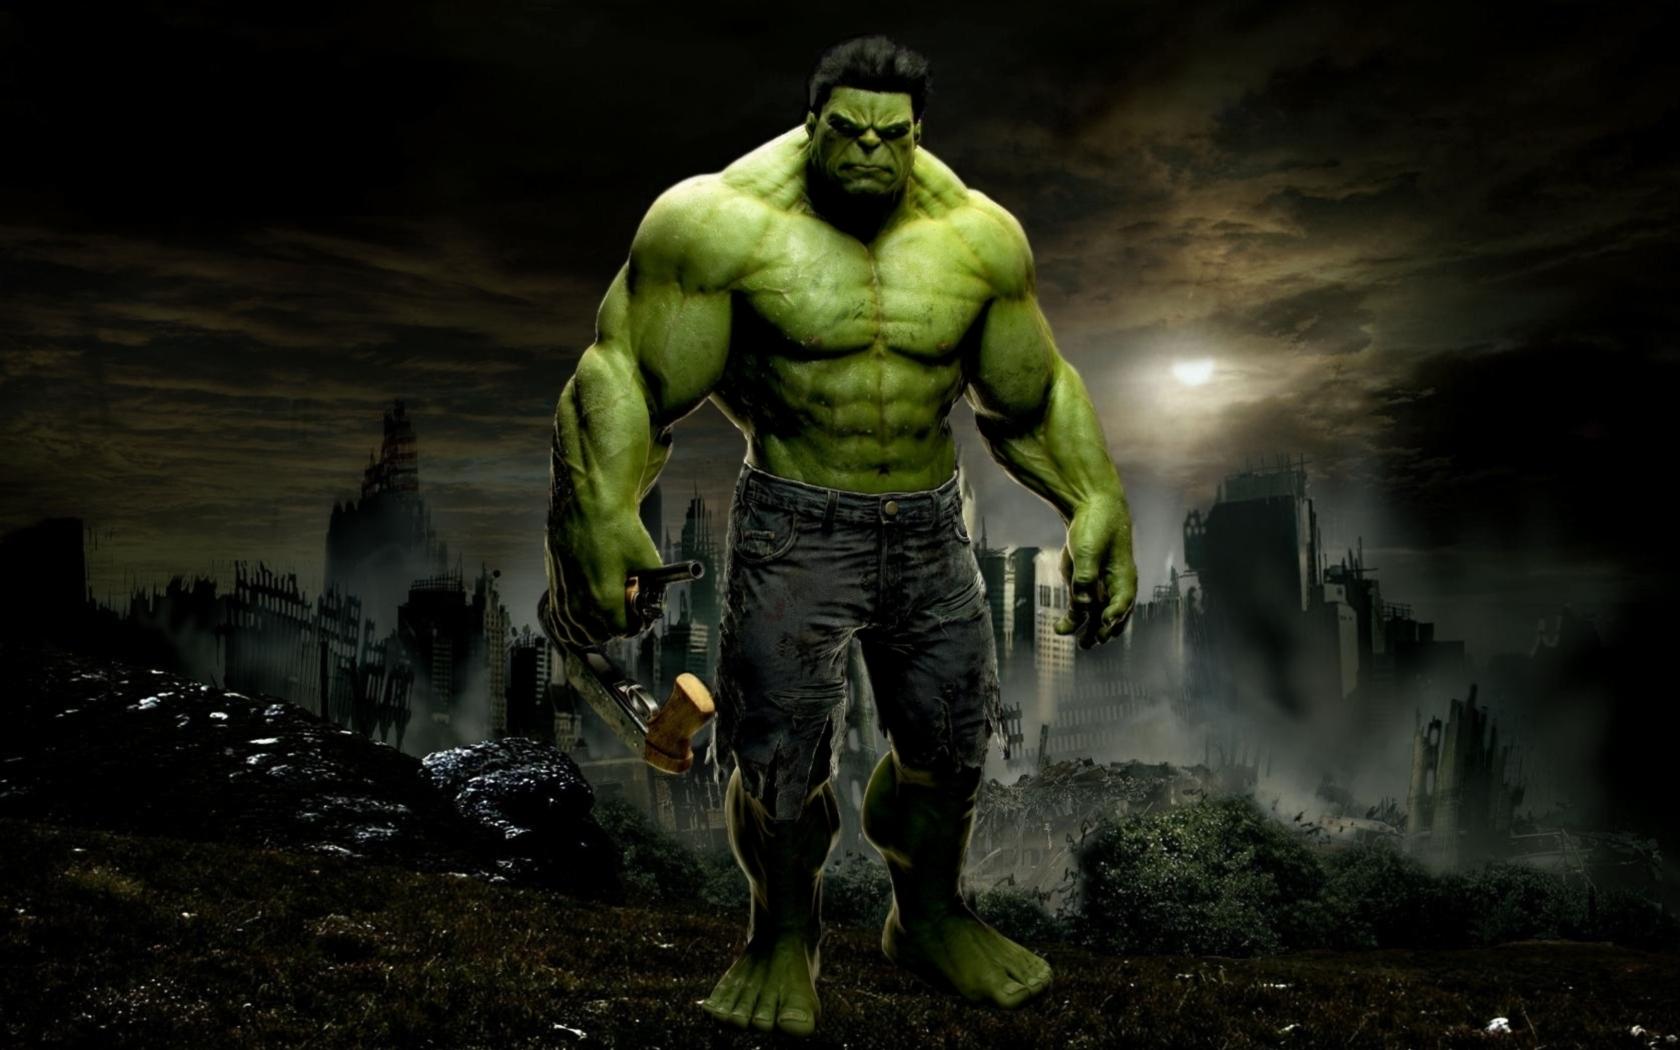 1680x1050px Wallpaper HD Hulk 1680x1050